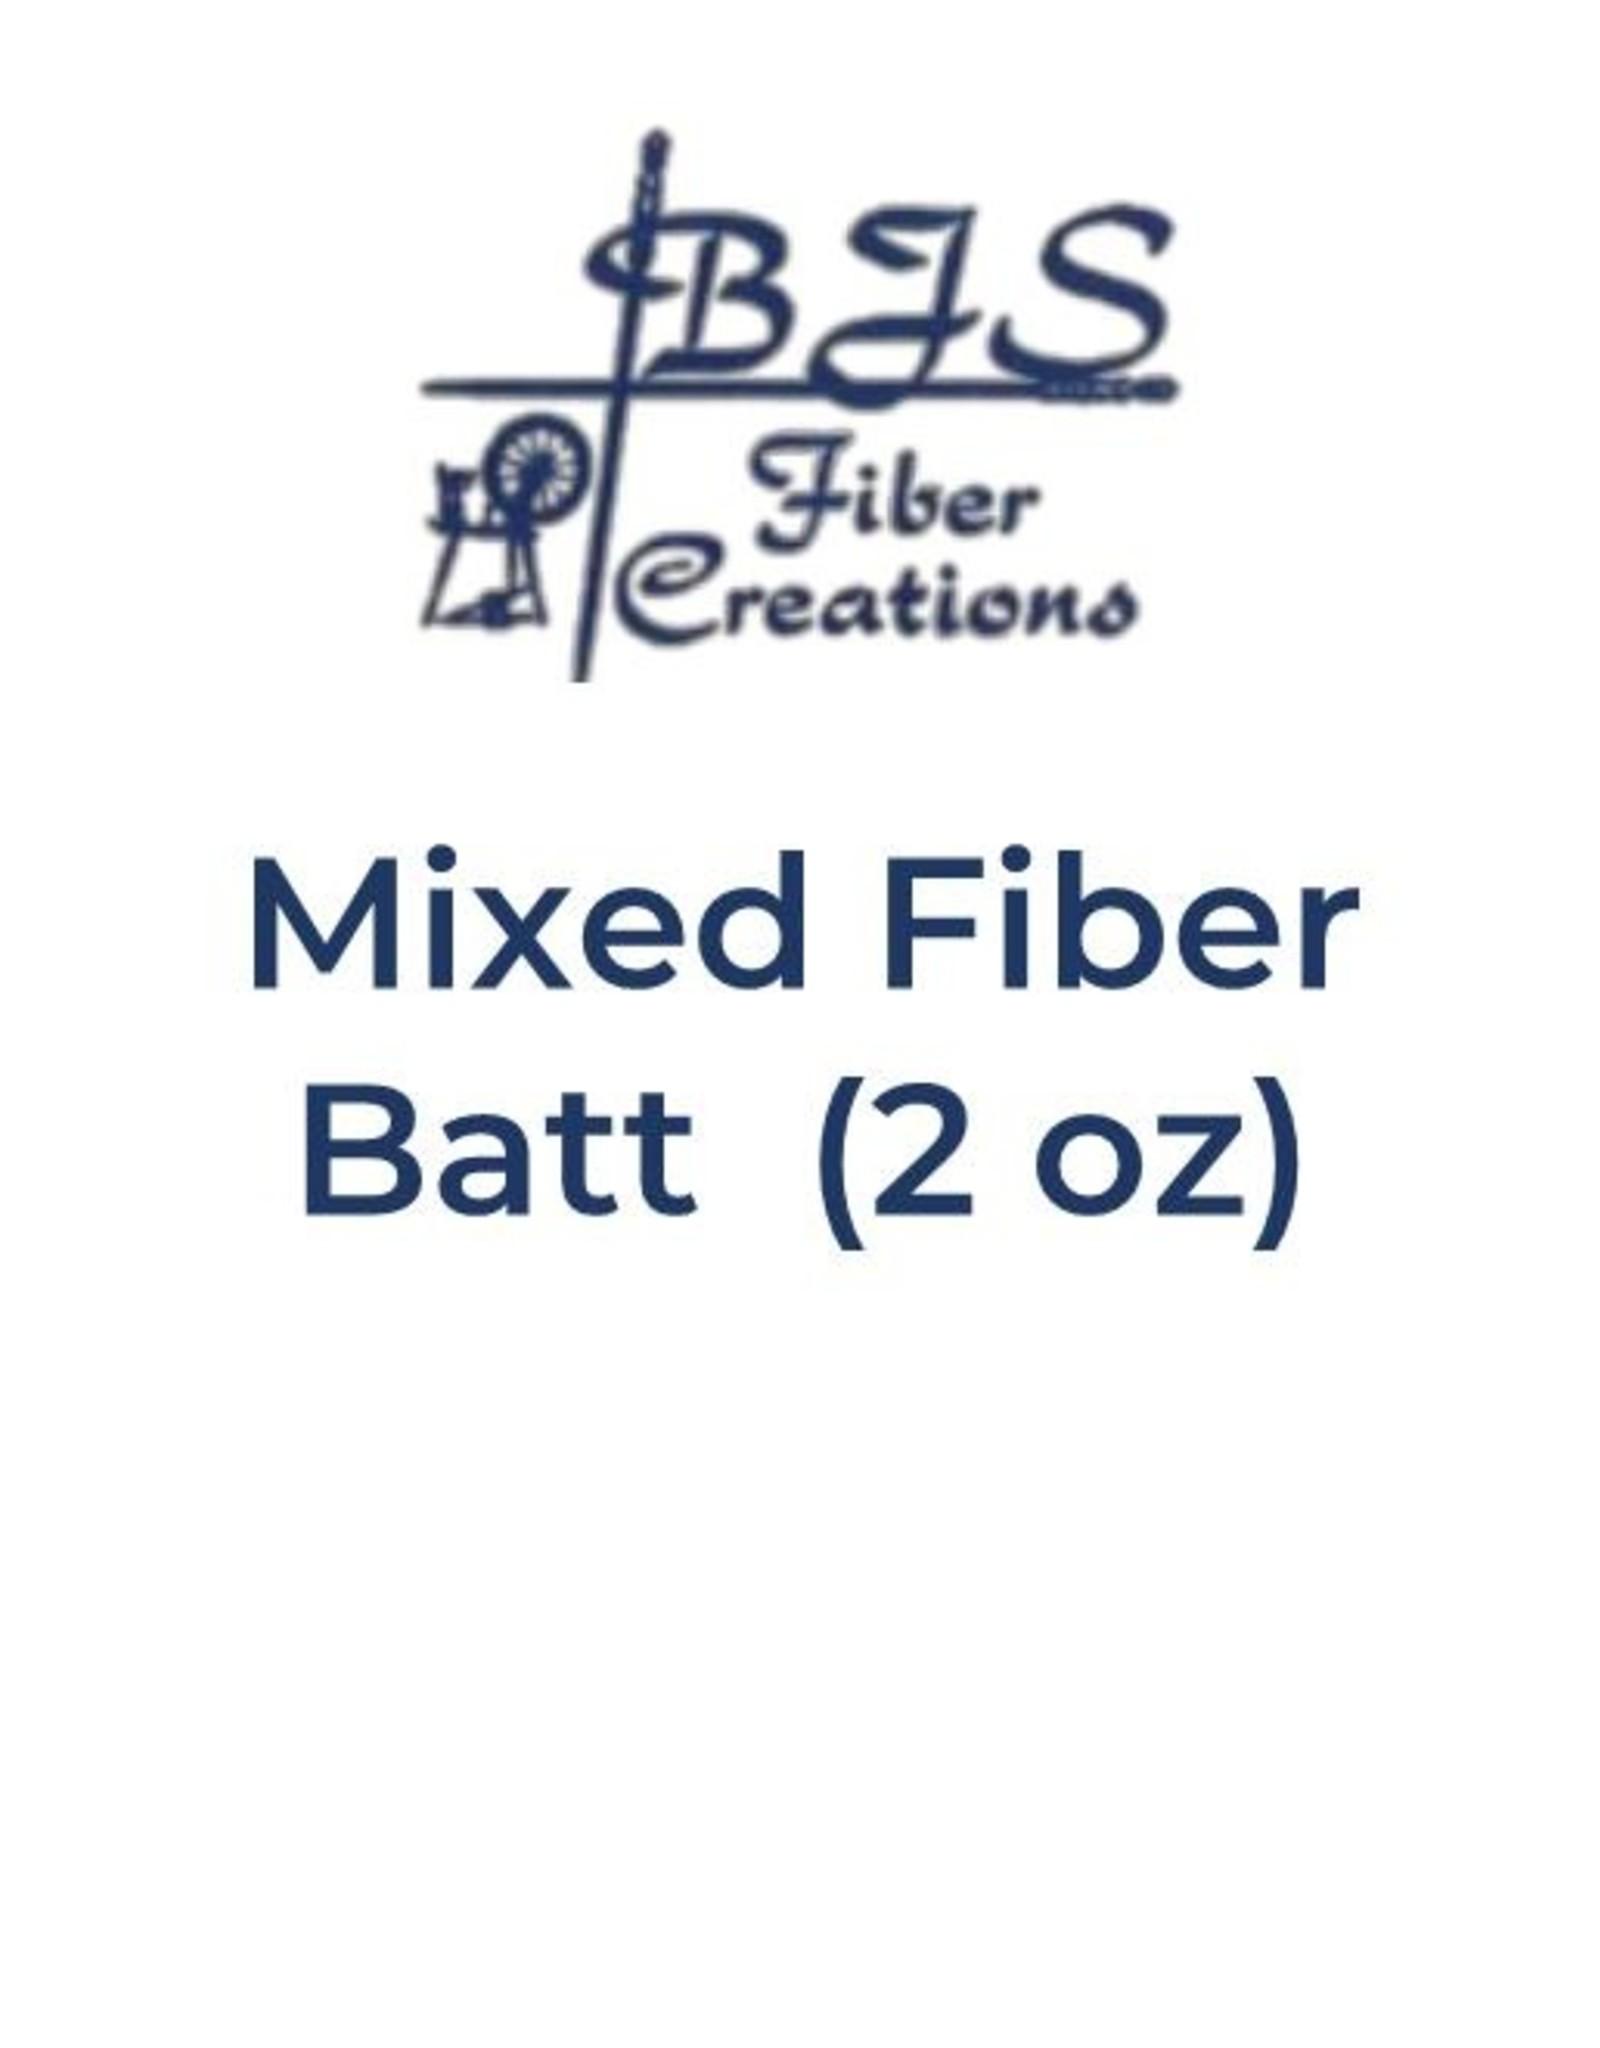 BJS Fiber Creations Mixed Fiber Batts (2 oz) BATT #04